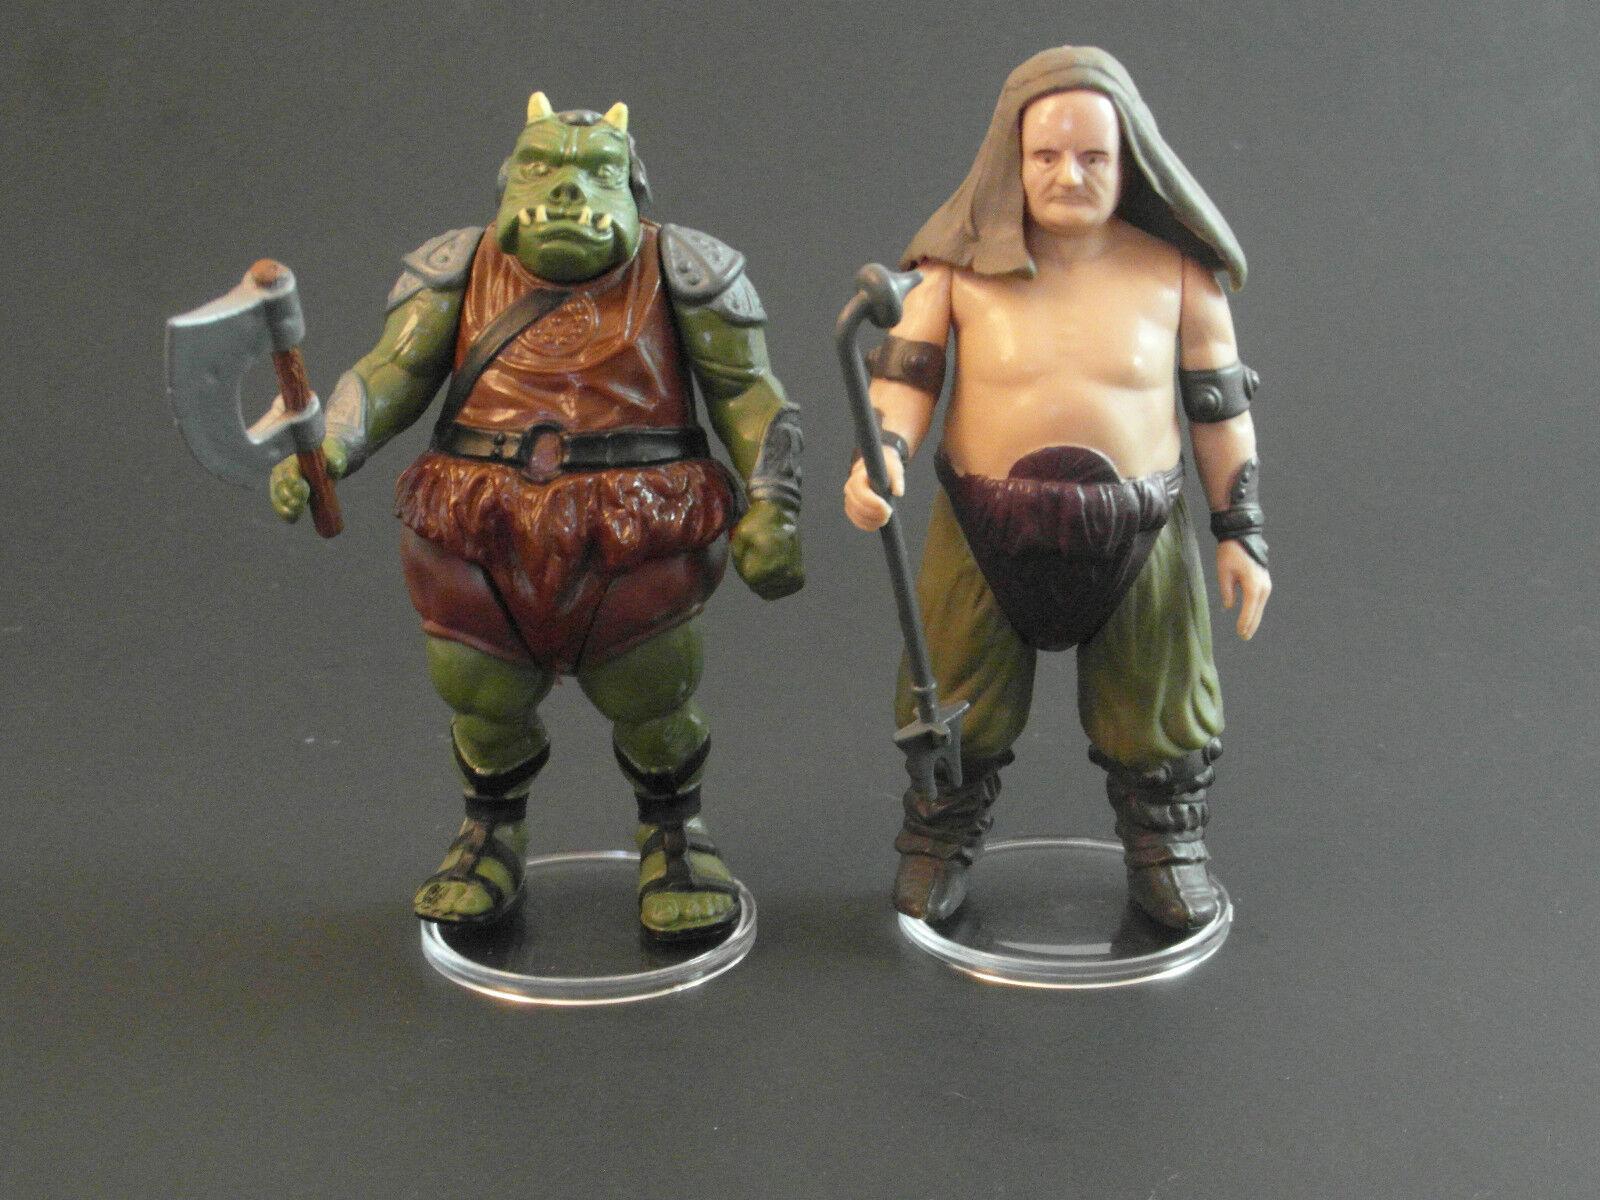 508x3.8cm Vintage Star Wars Figur Display Ständer weiter haltung-Palitoy/Kenner